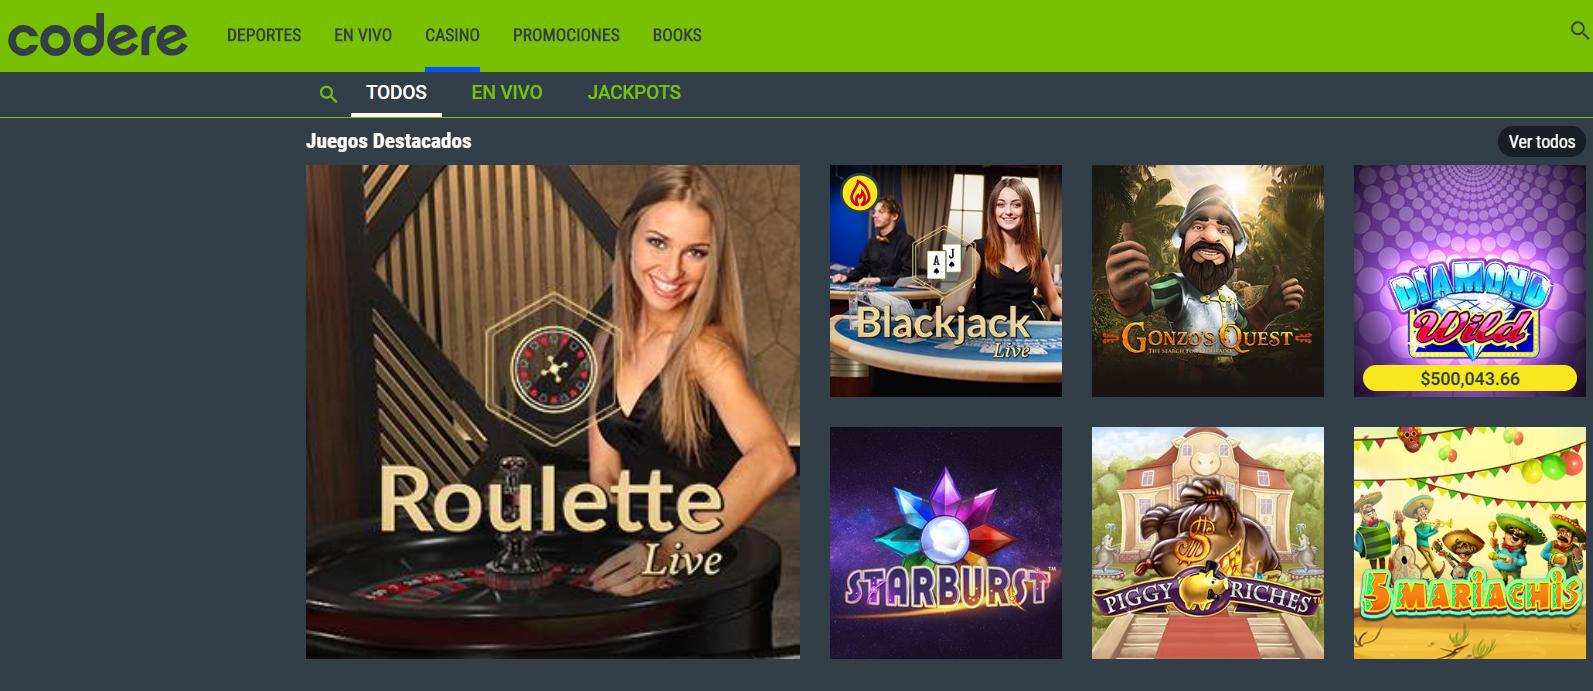 Codere Mx Casino - Reseña 2